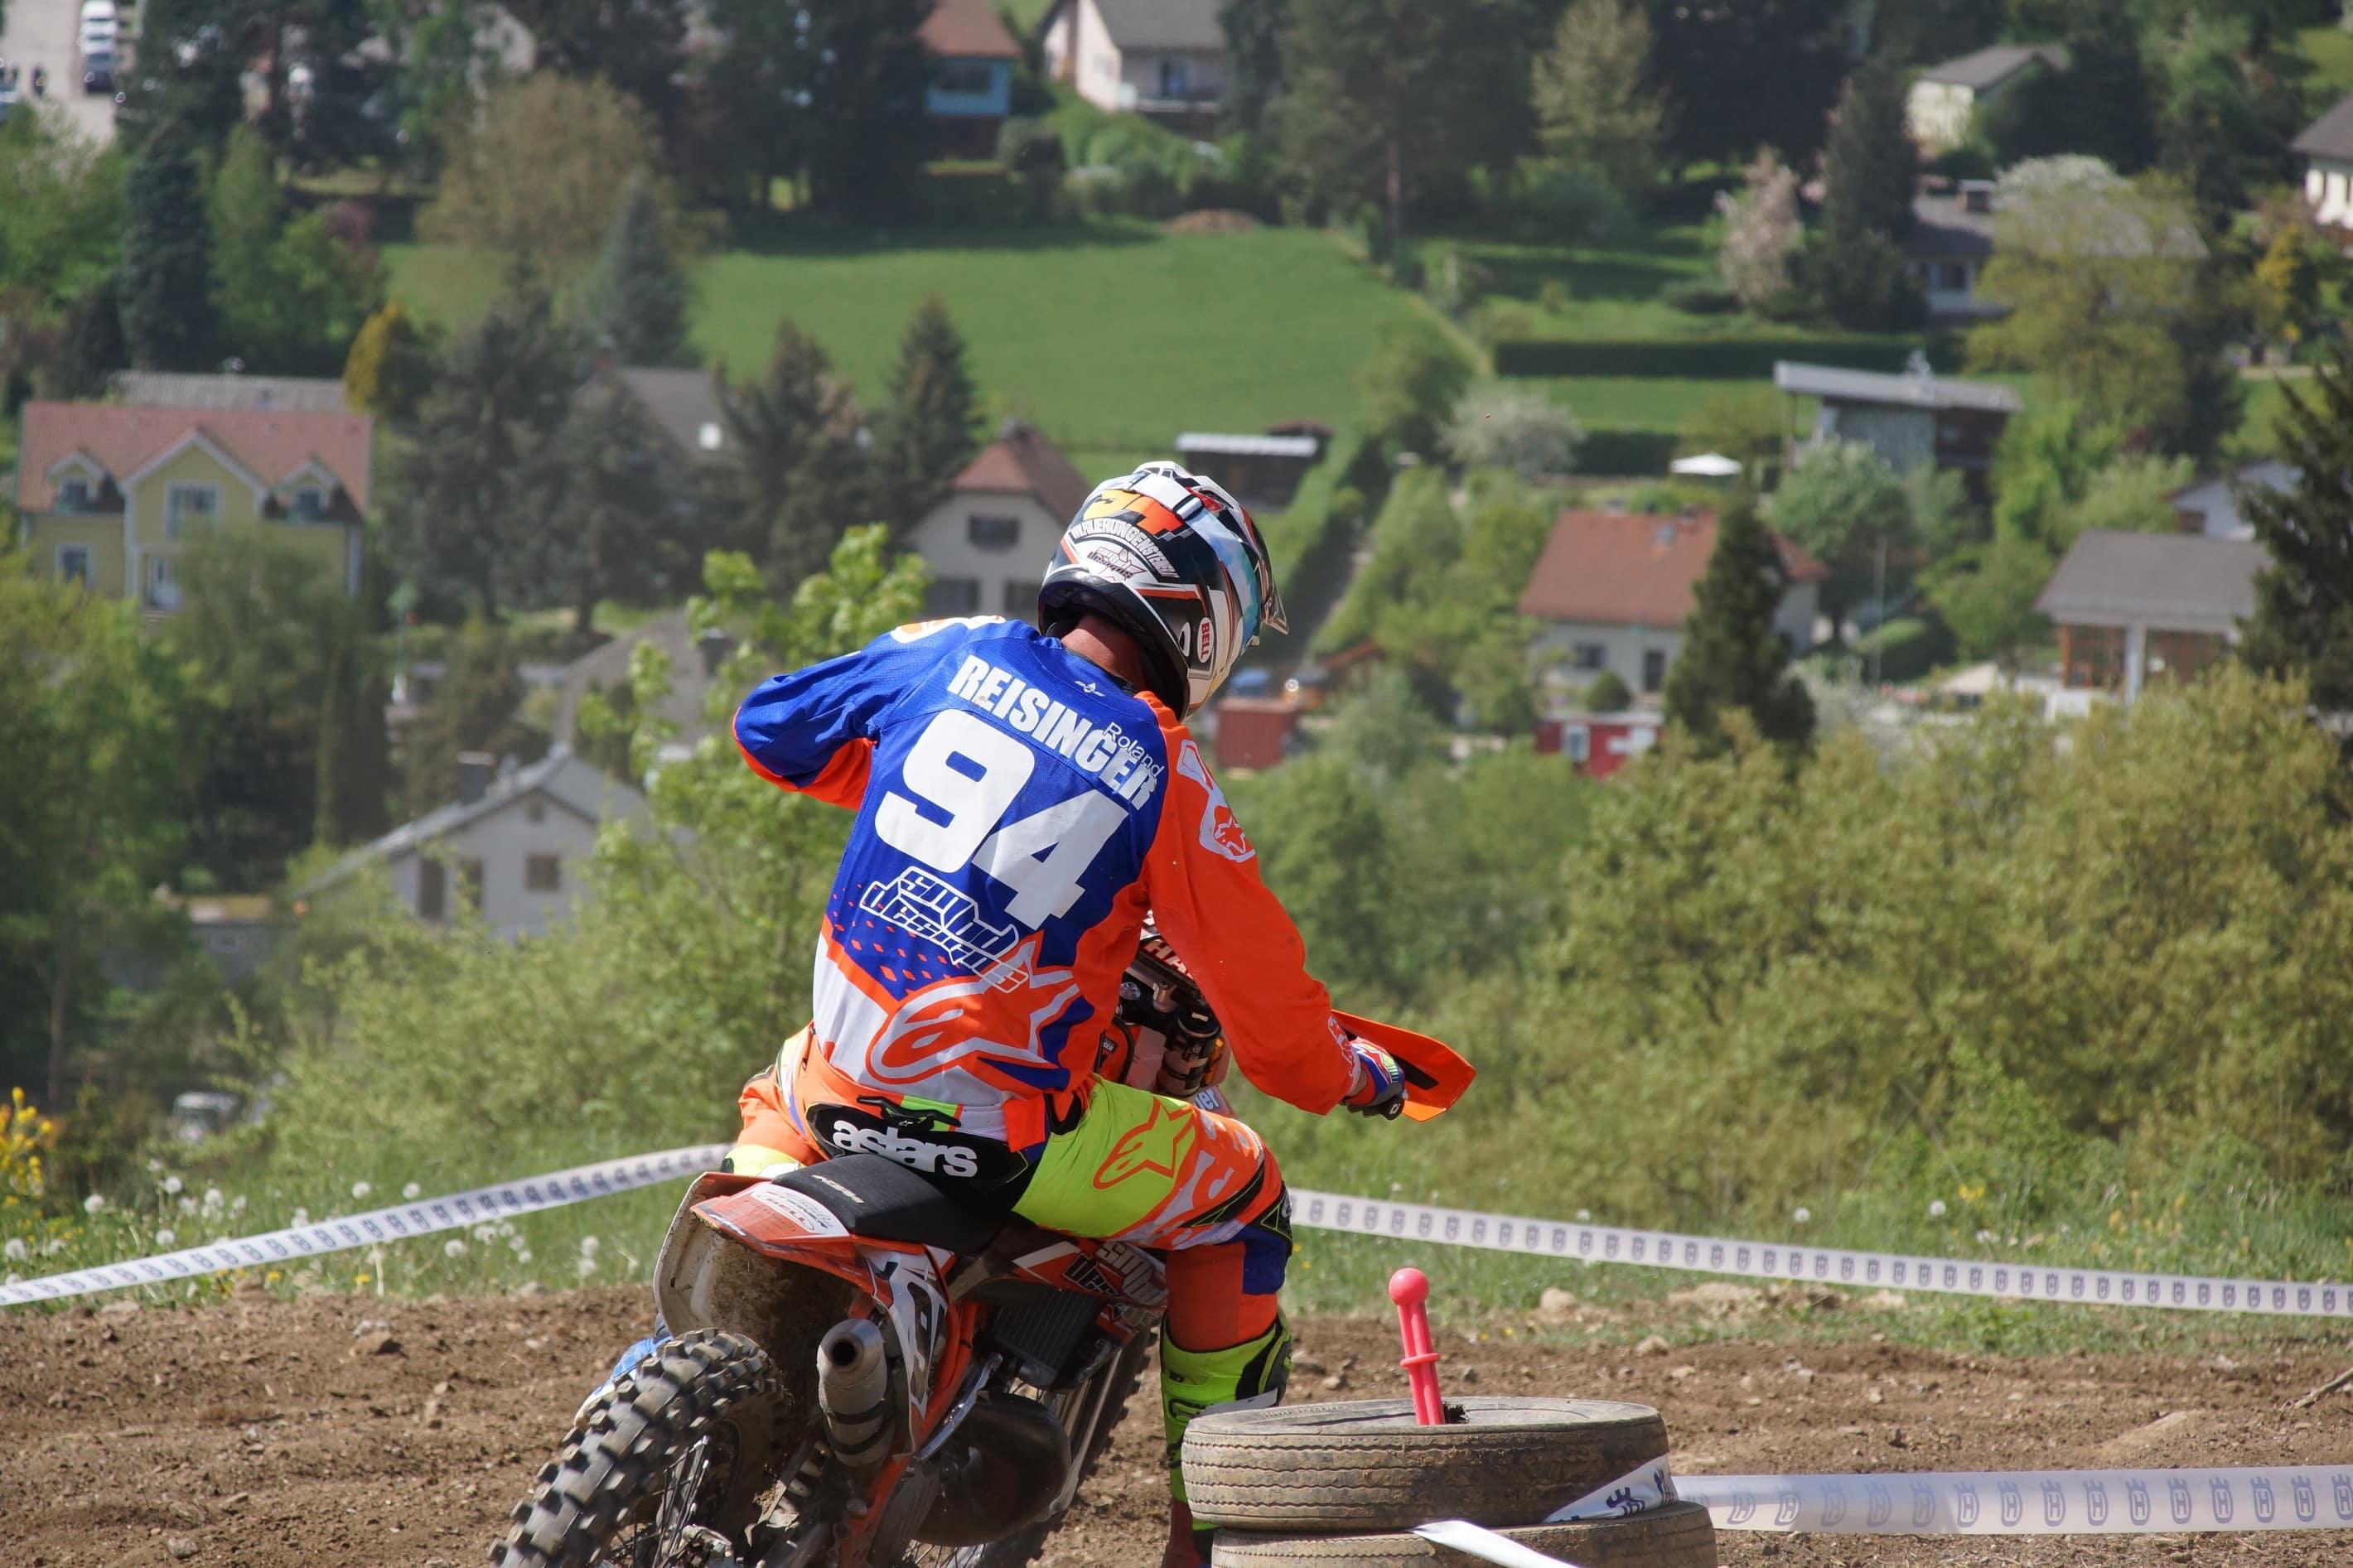 DSC1015_Moto Cross Sittendorf